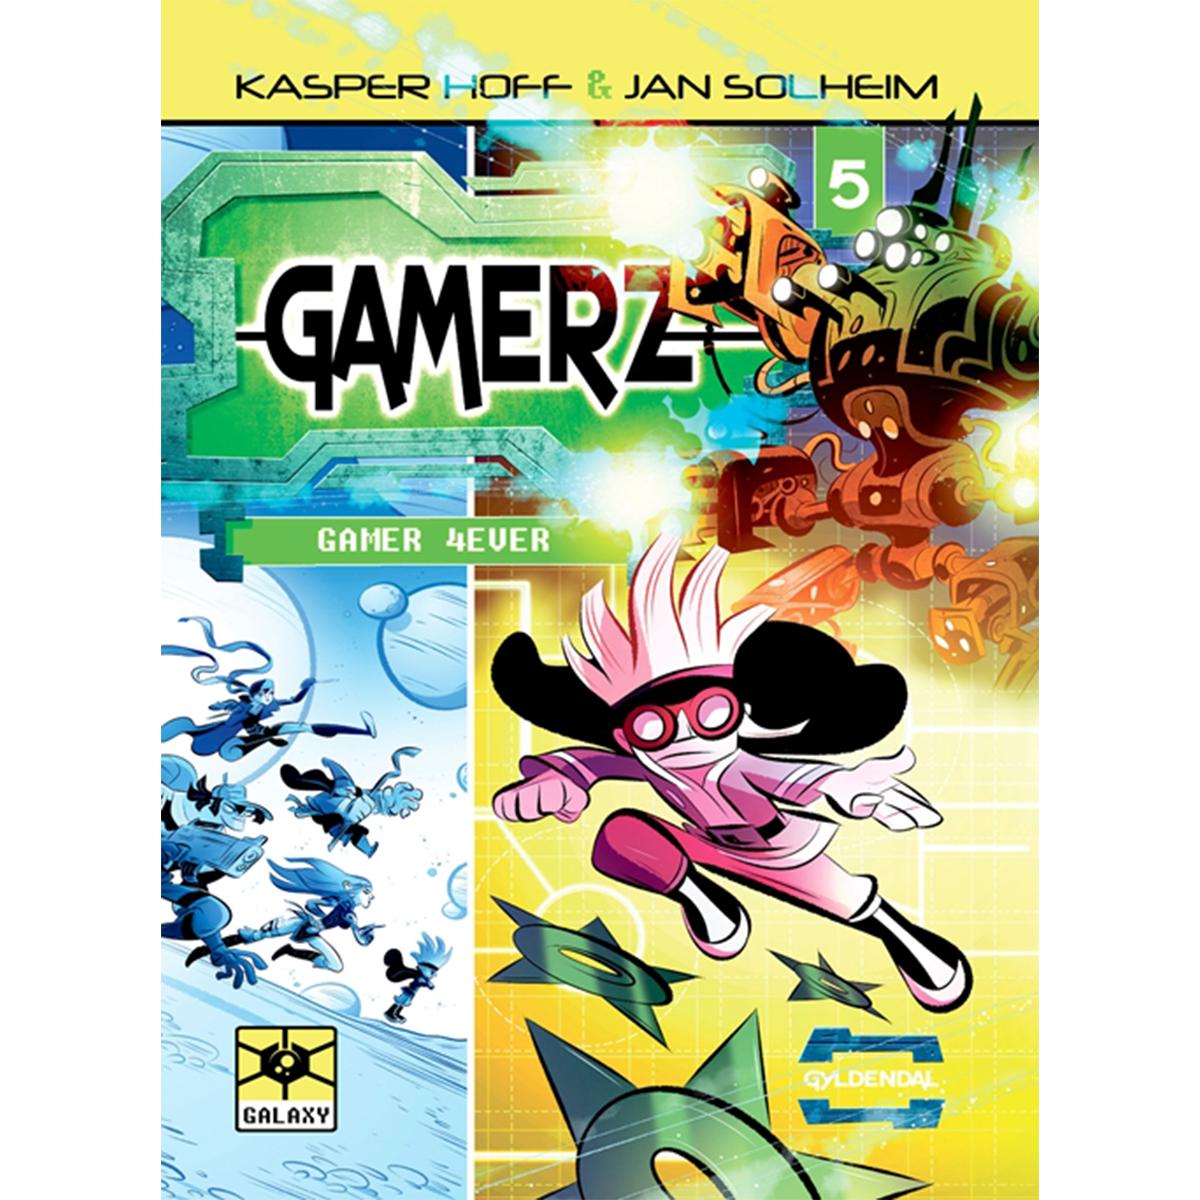 Gamer 4ever - Gamerz 5 - Indbundet